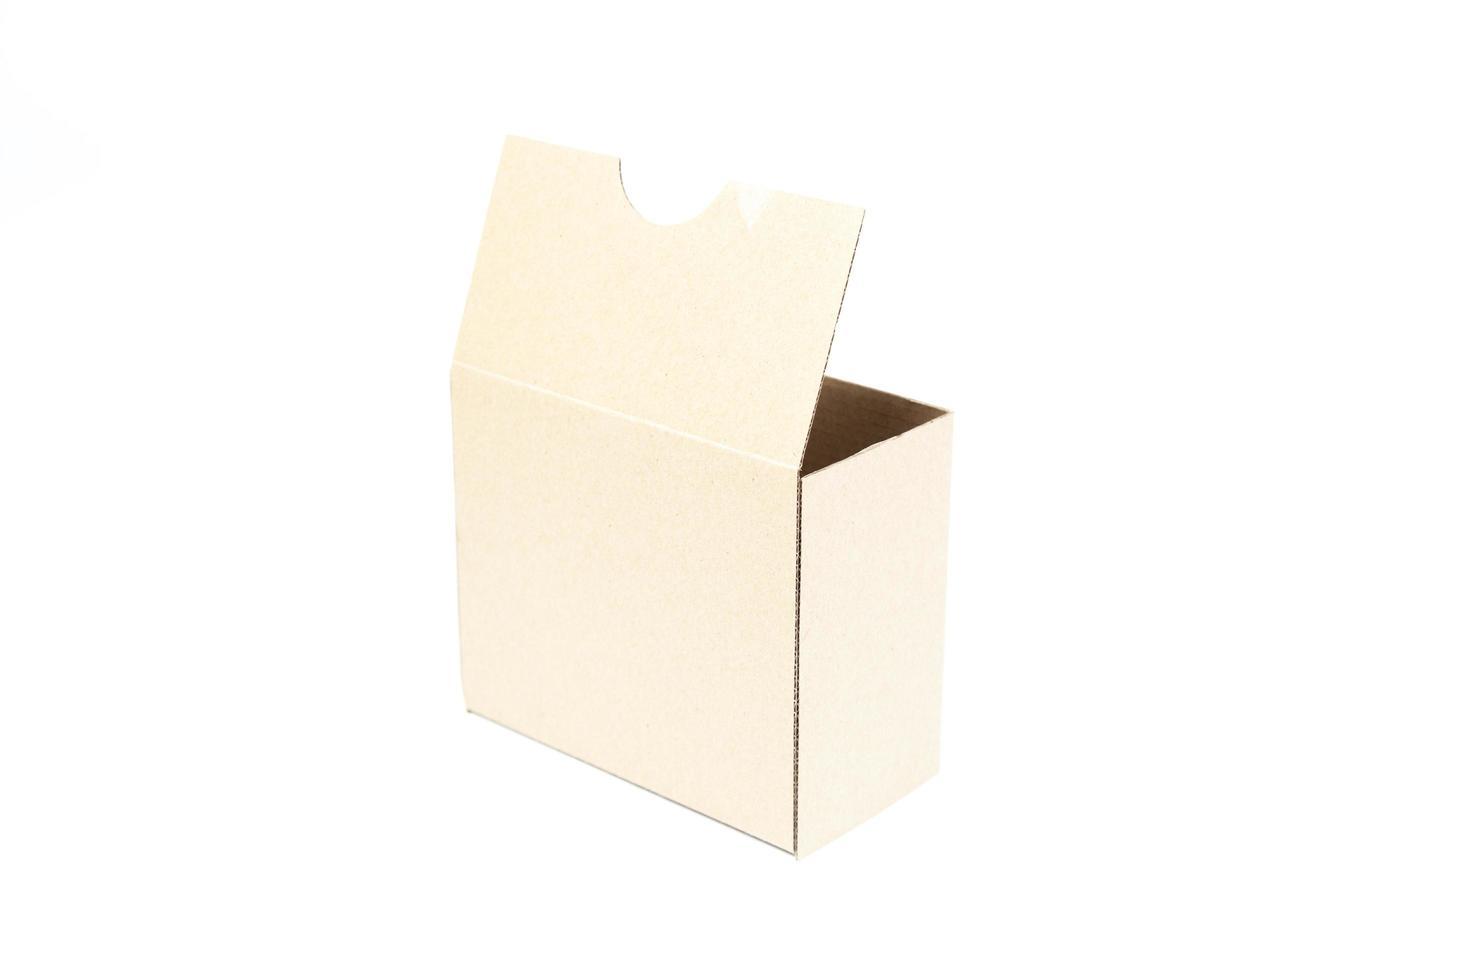 scatola di carta beige su sfondo bianco foto